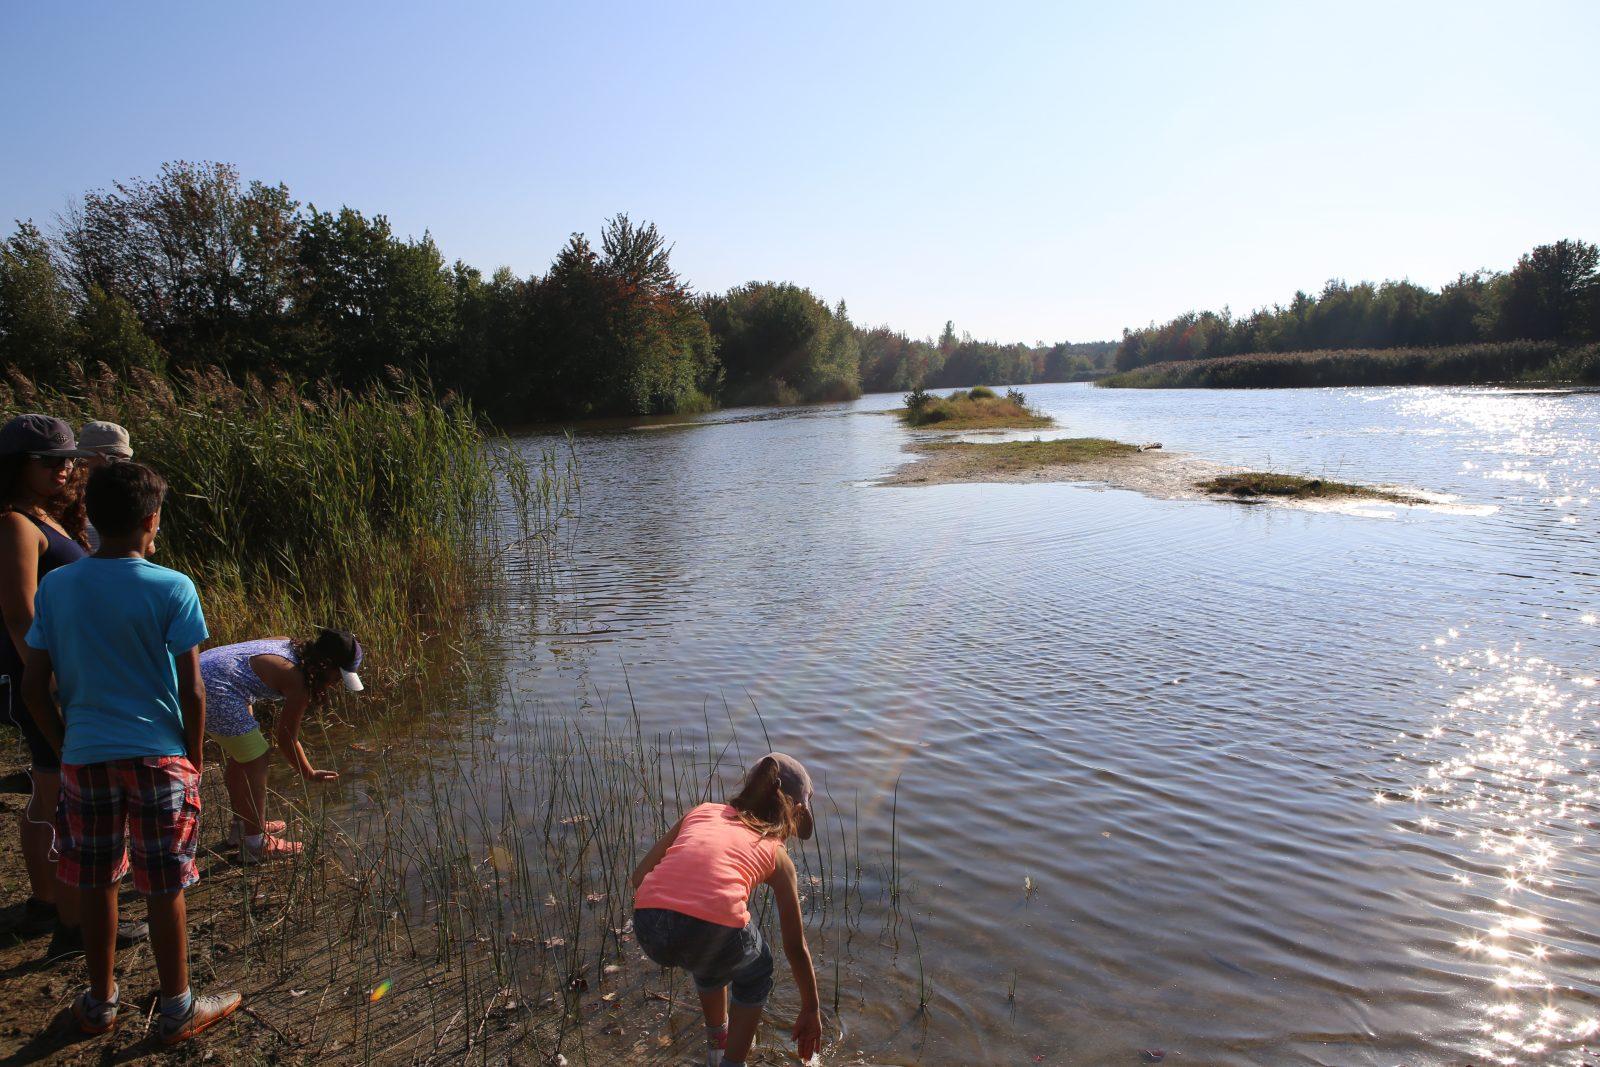 Résumé de l'assemblée publique à Sainte-Julie: priorité à l'environnement